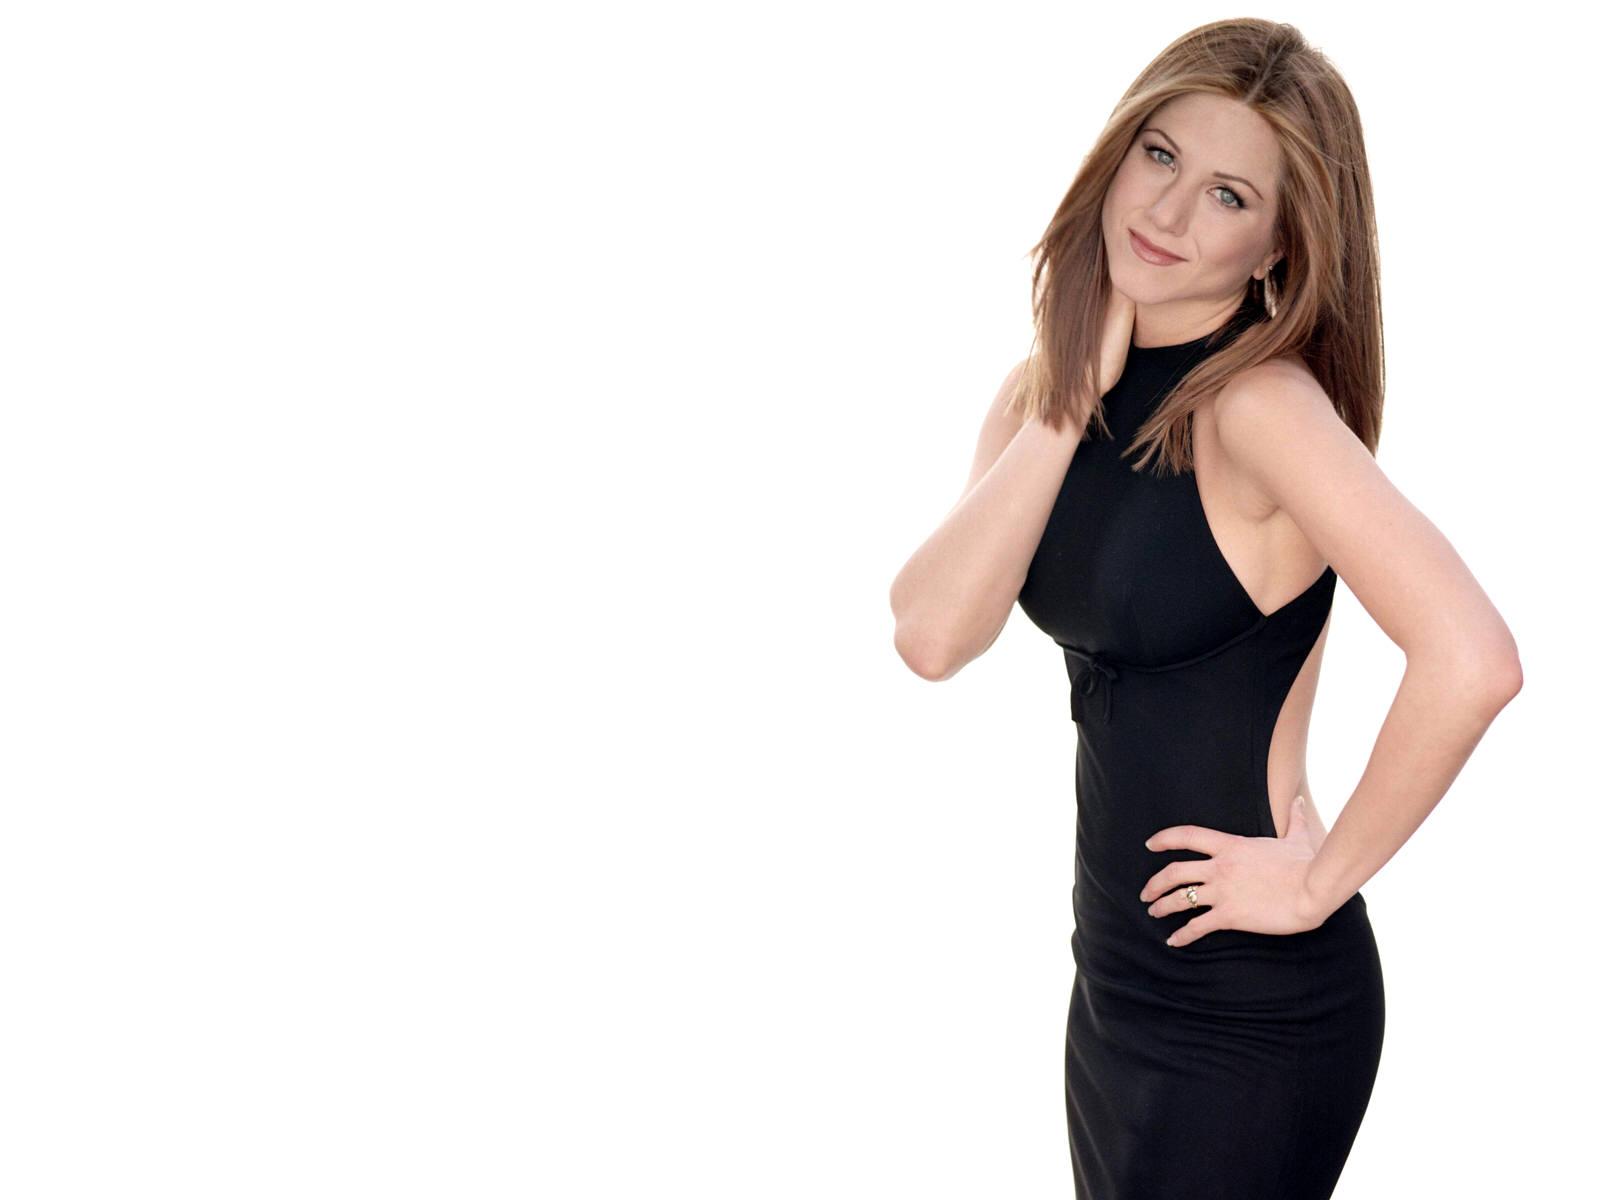 mamme porno video video porno italiano di donne mature